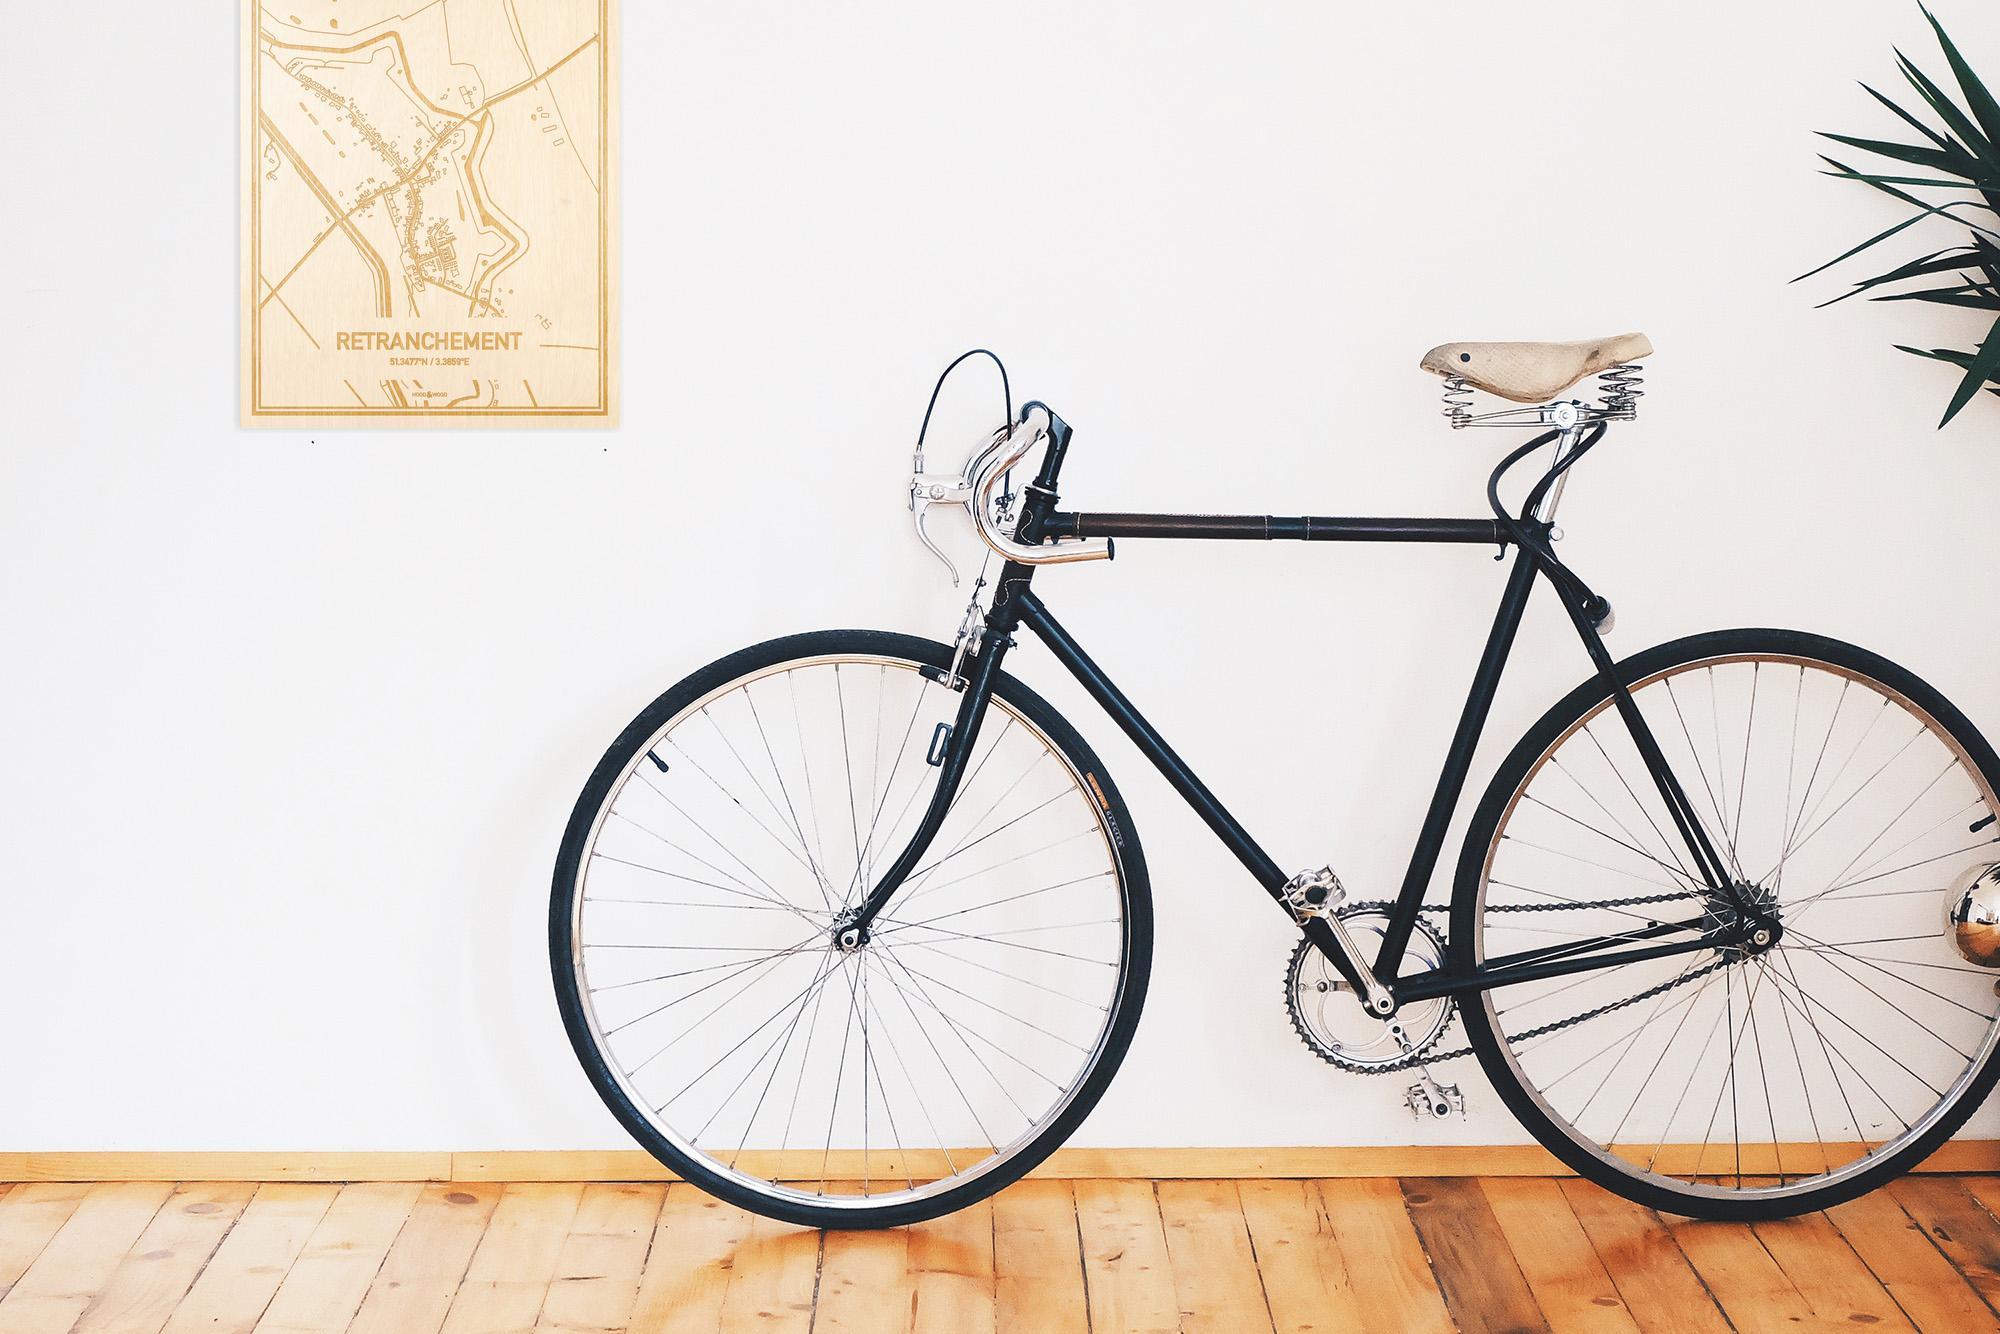 Een snelle fiets in een uniek interieur in Zeeland met mooie decoratie zoals de plattegrond Retranchement.